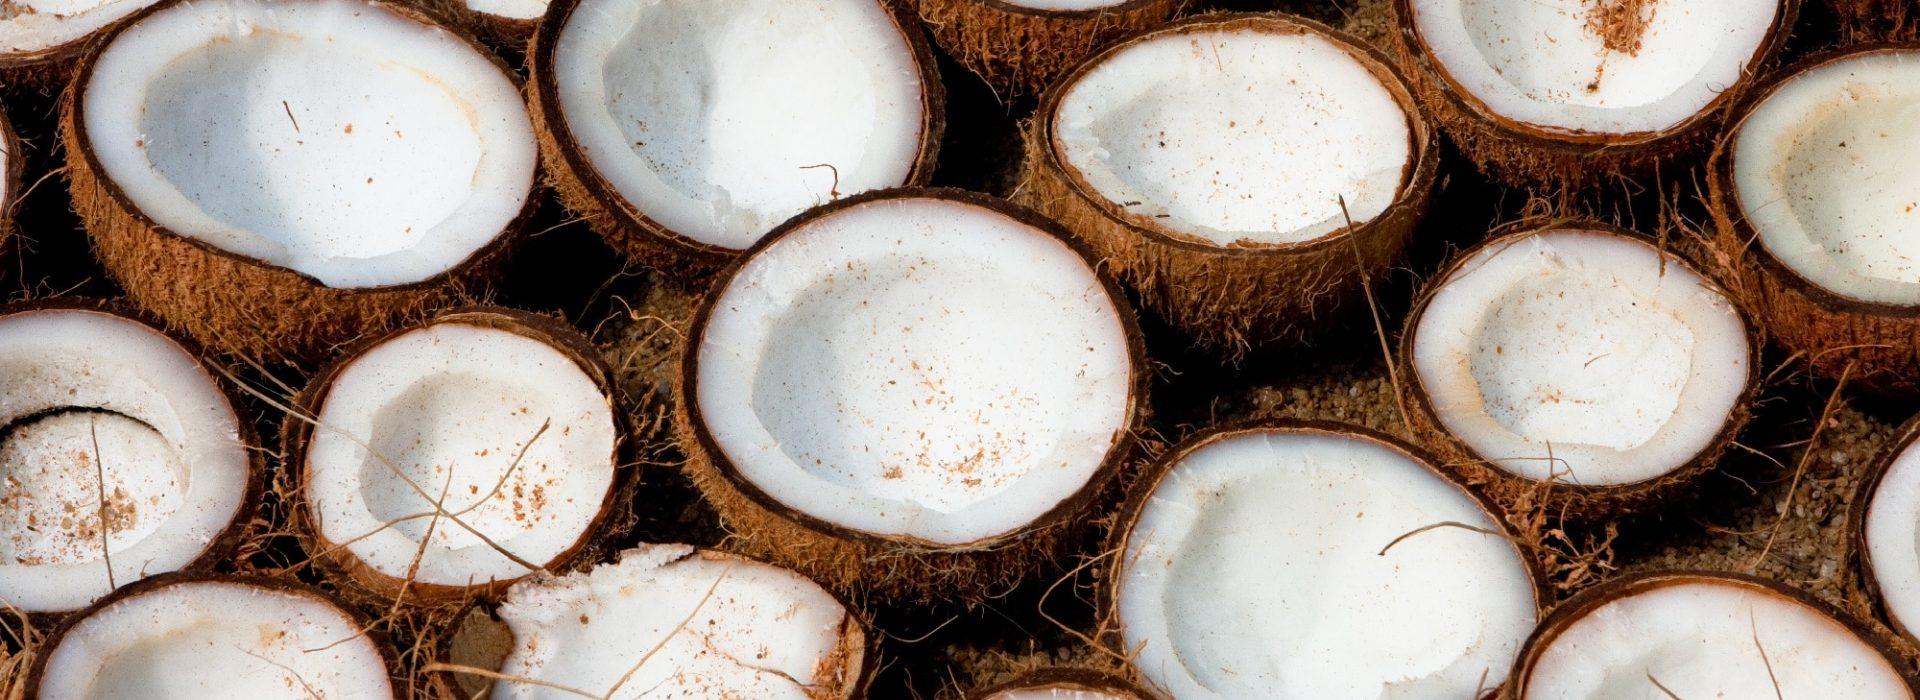 Coconut Desserts Blog Image